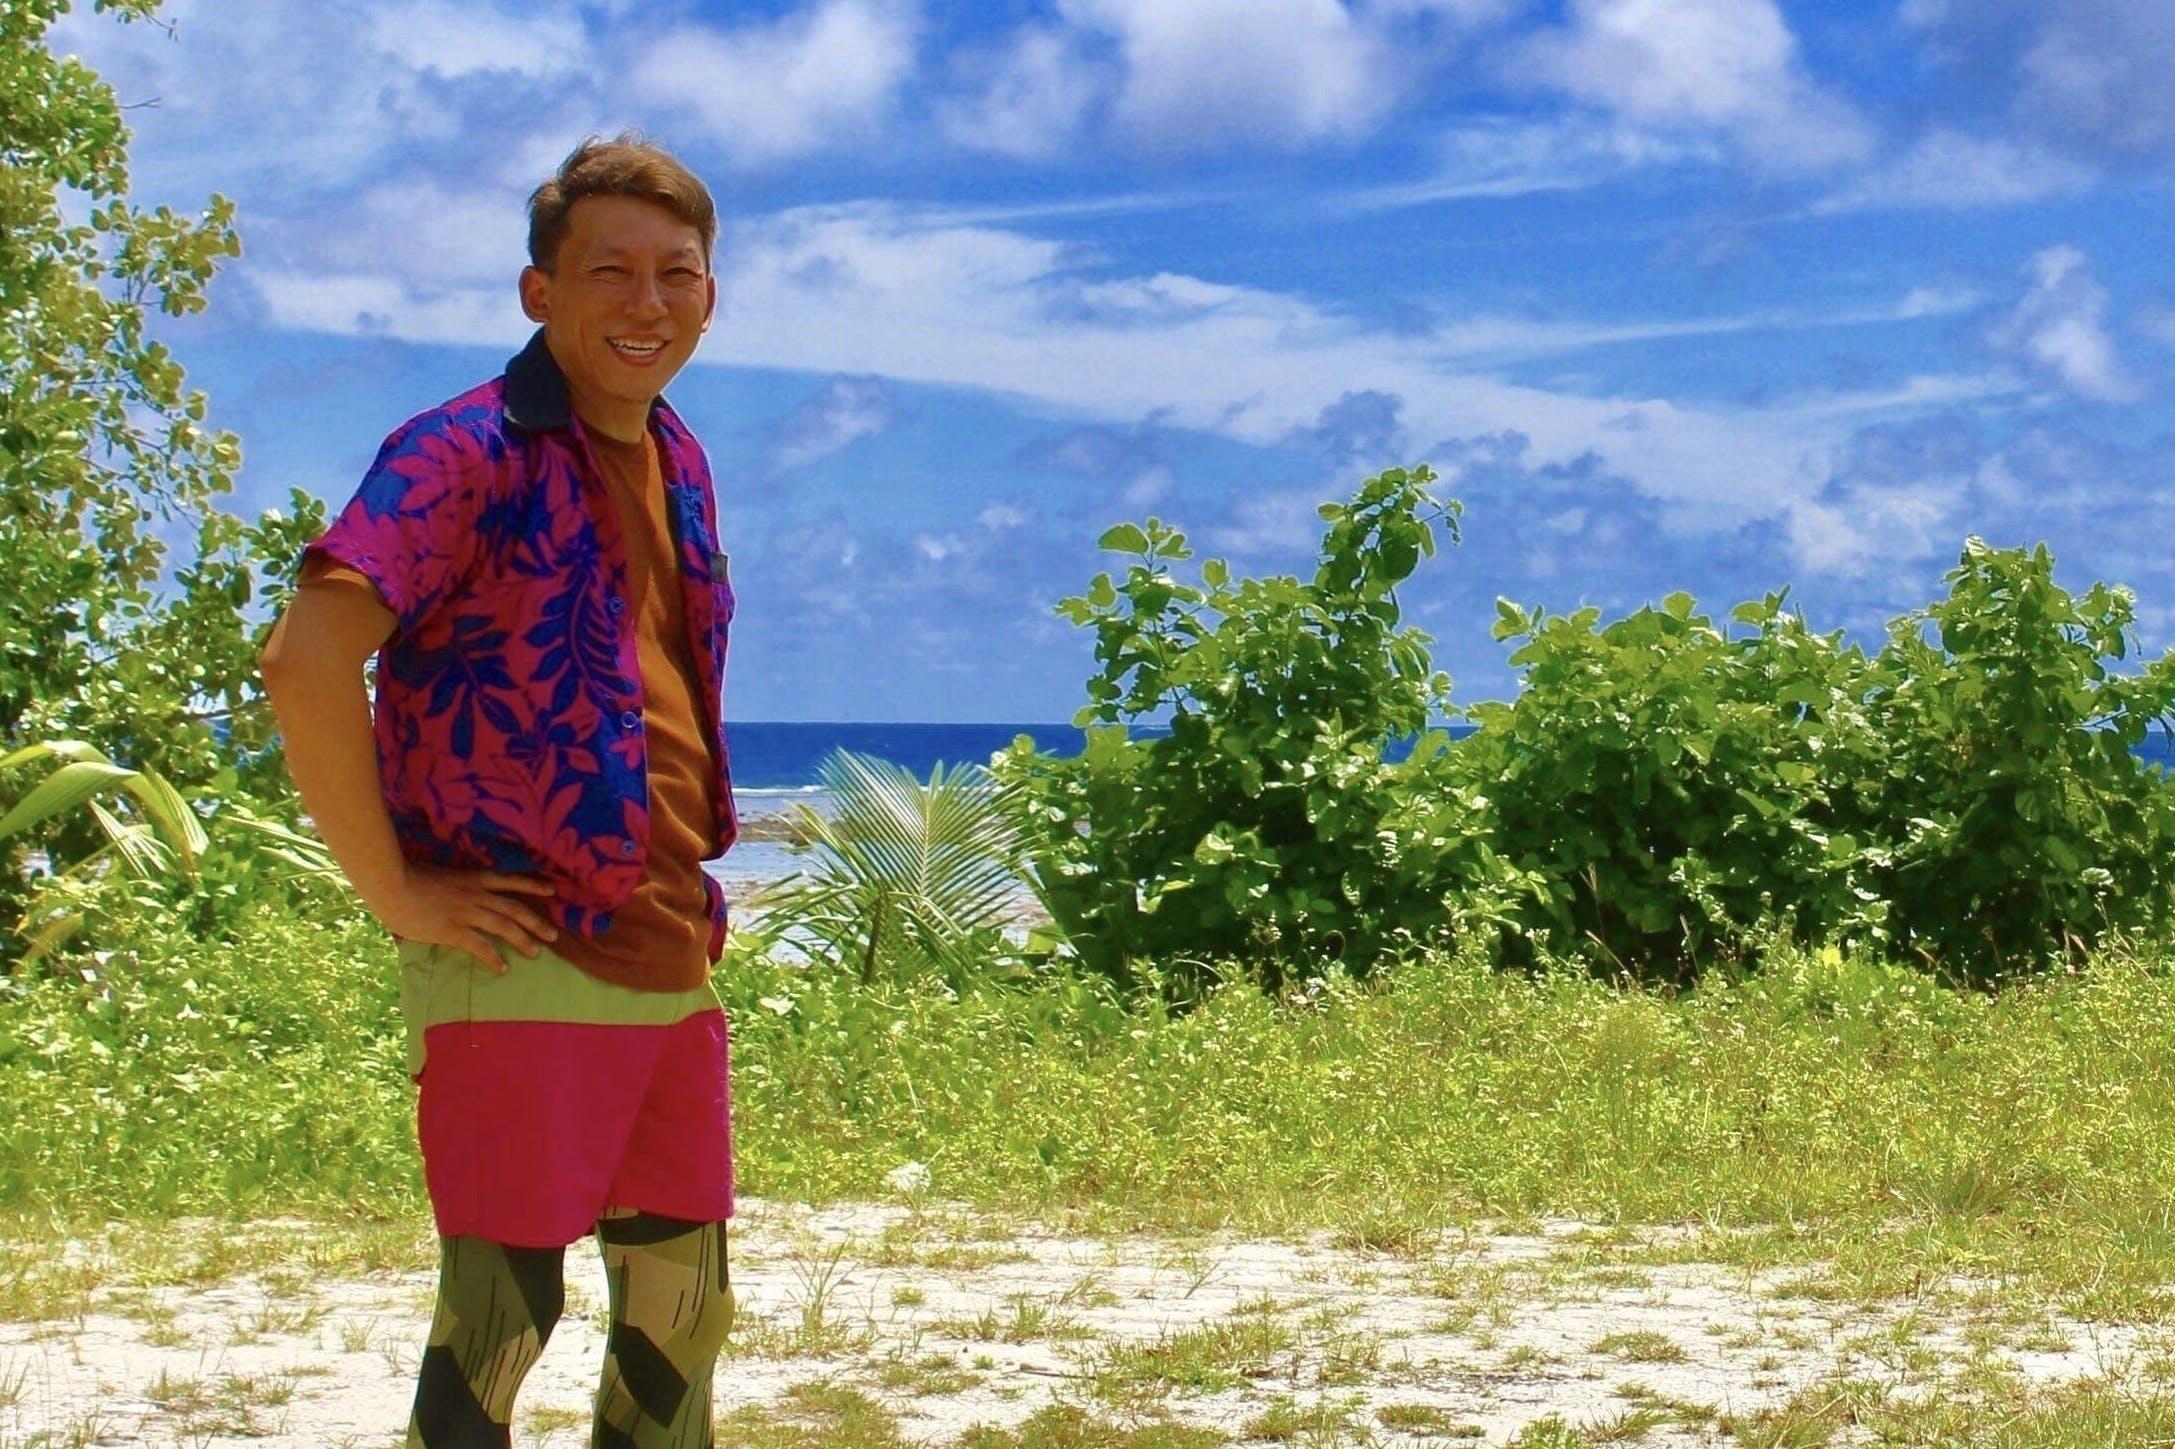 太平洋のど真ん中、マーシャル諸島共和国に図書館を作りたい ...